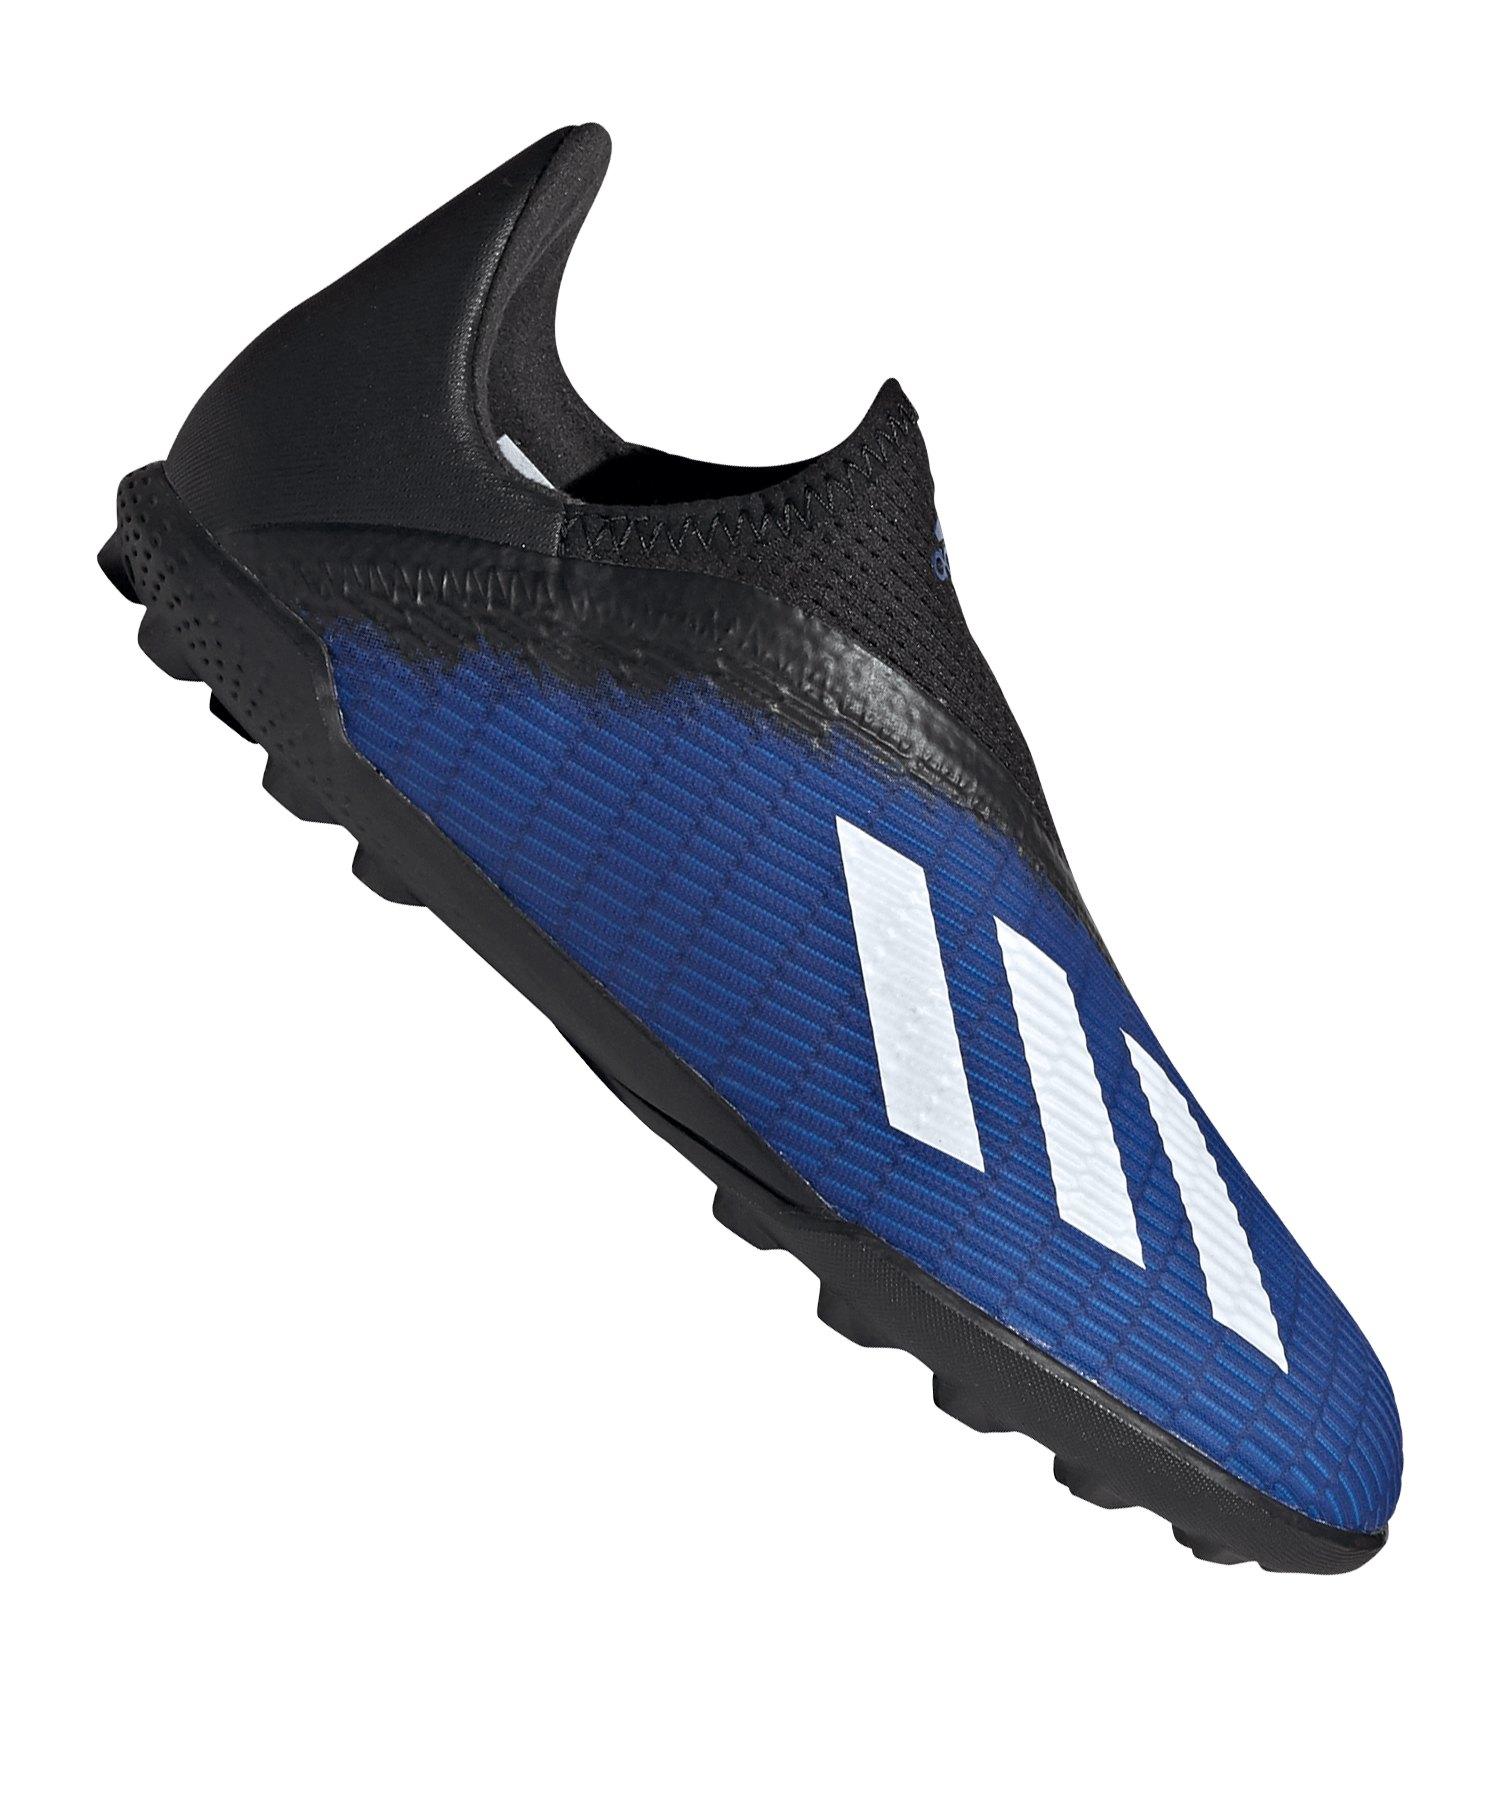 adidas X 19.3 LL TF J Kids Blau Schwarz - blau